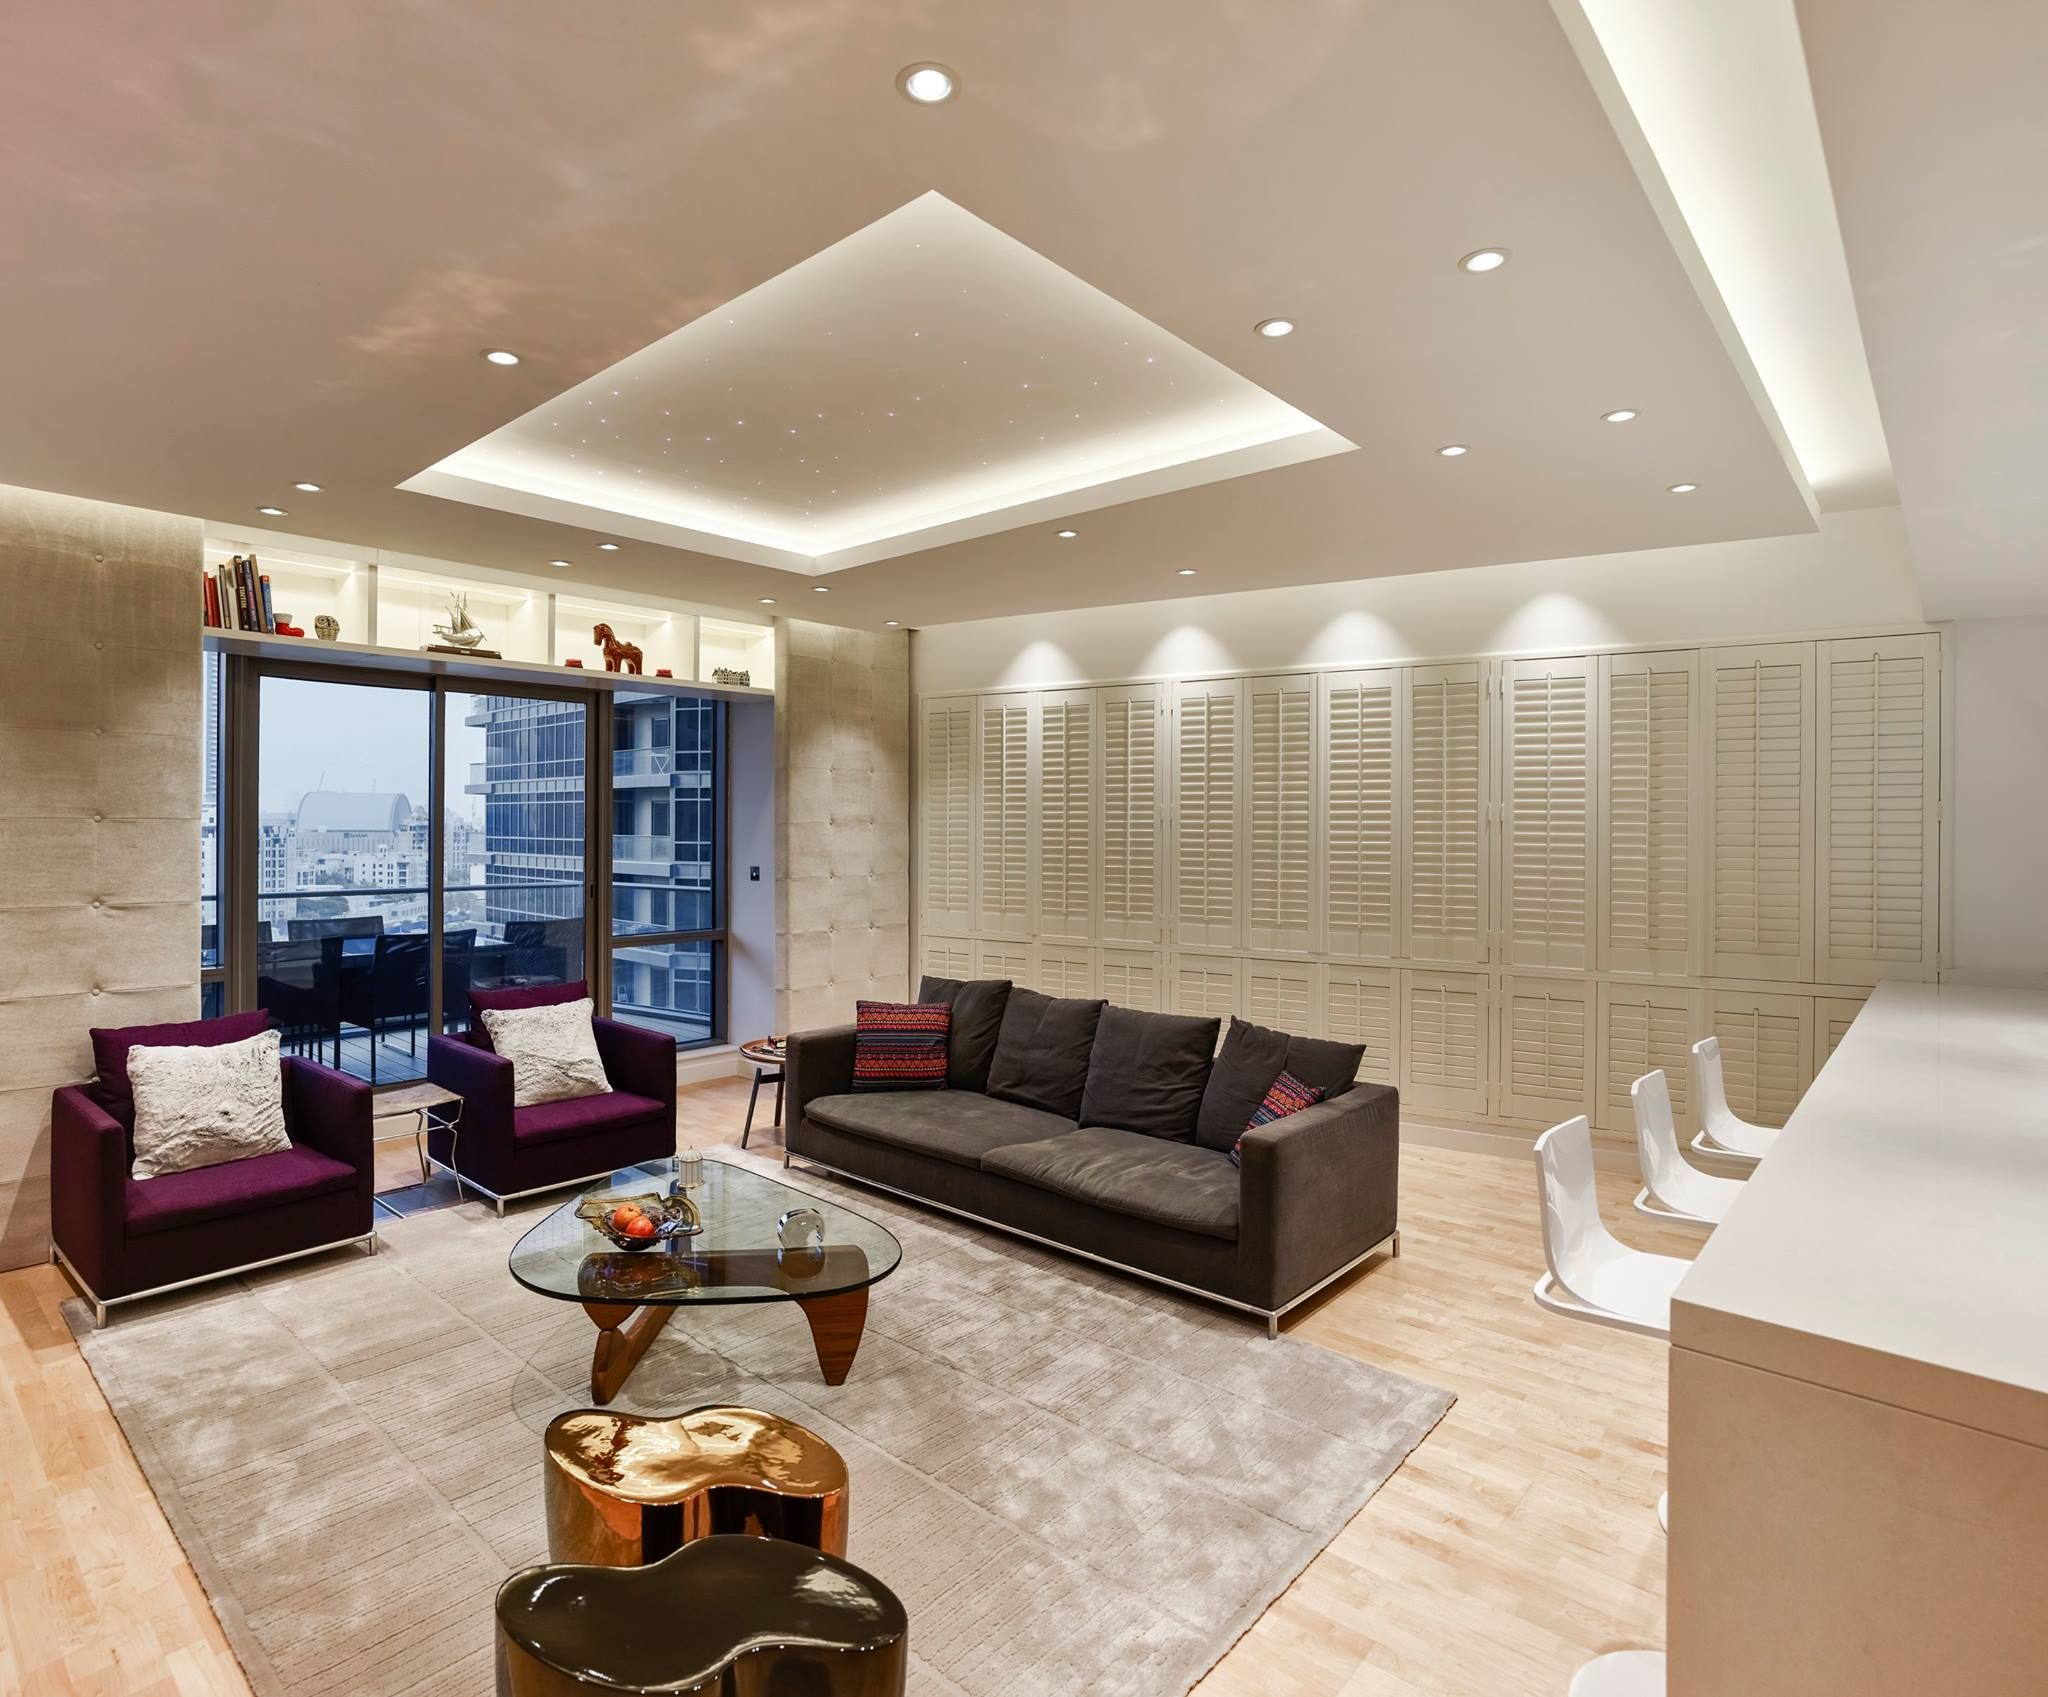 Swiss Bureau Interior Design Designed South Ridge appartment